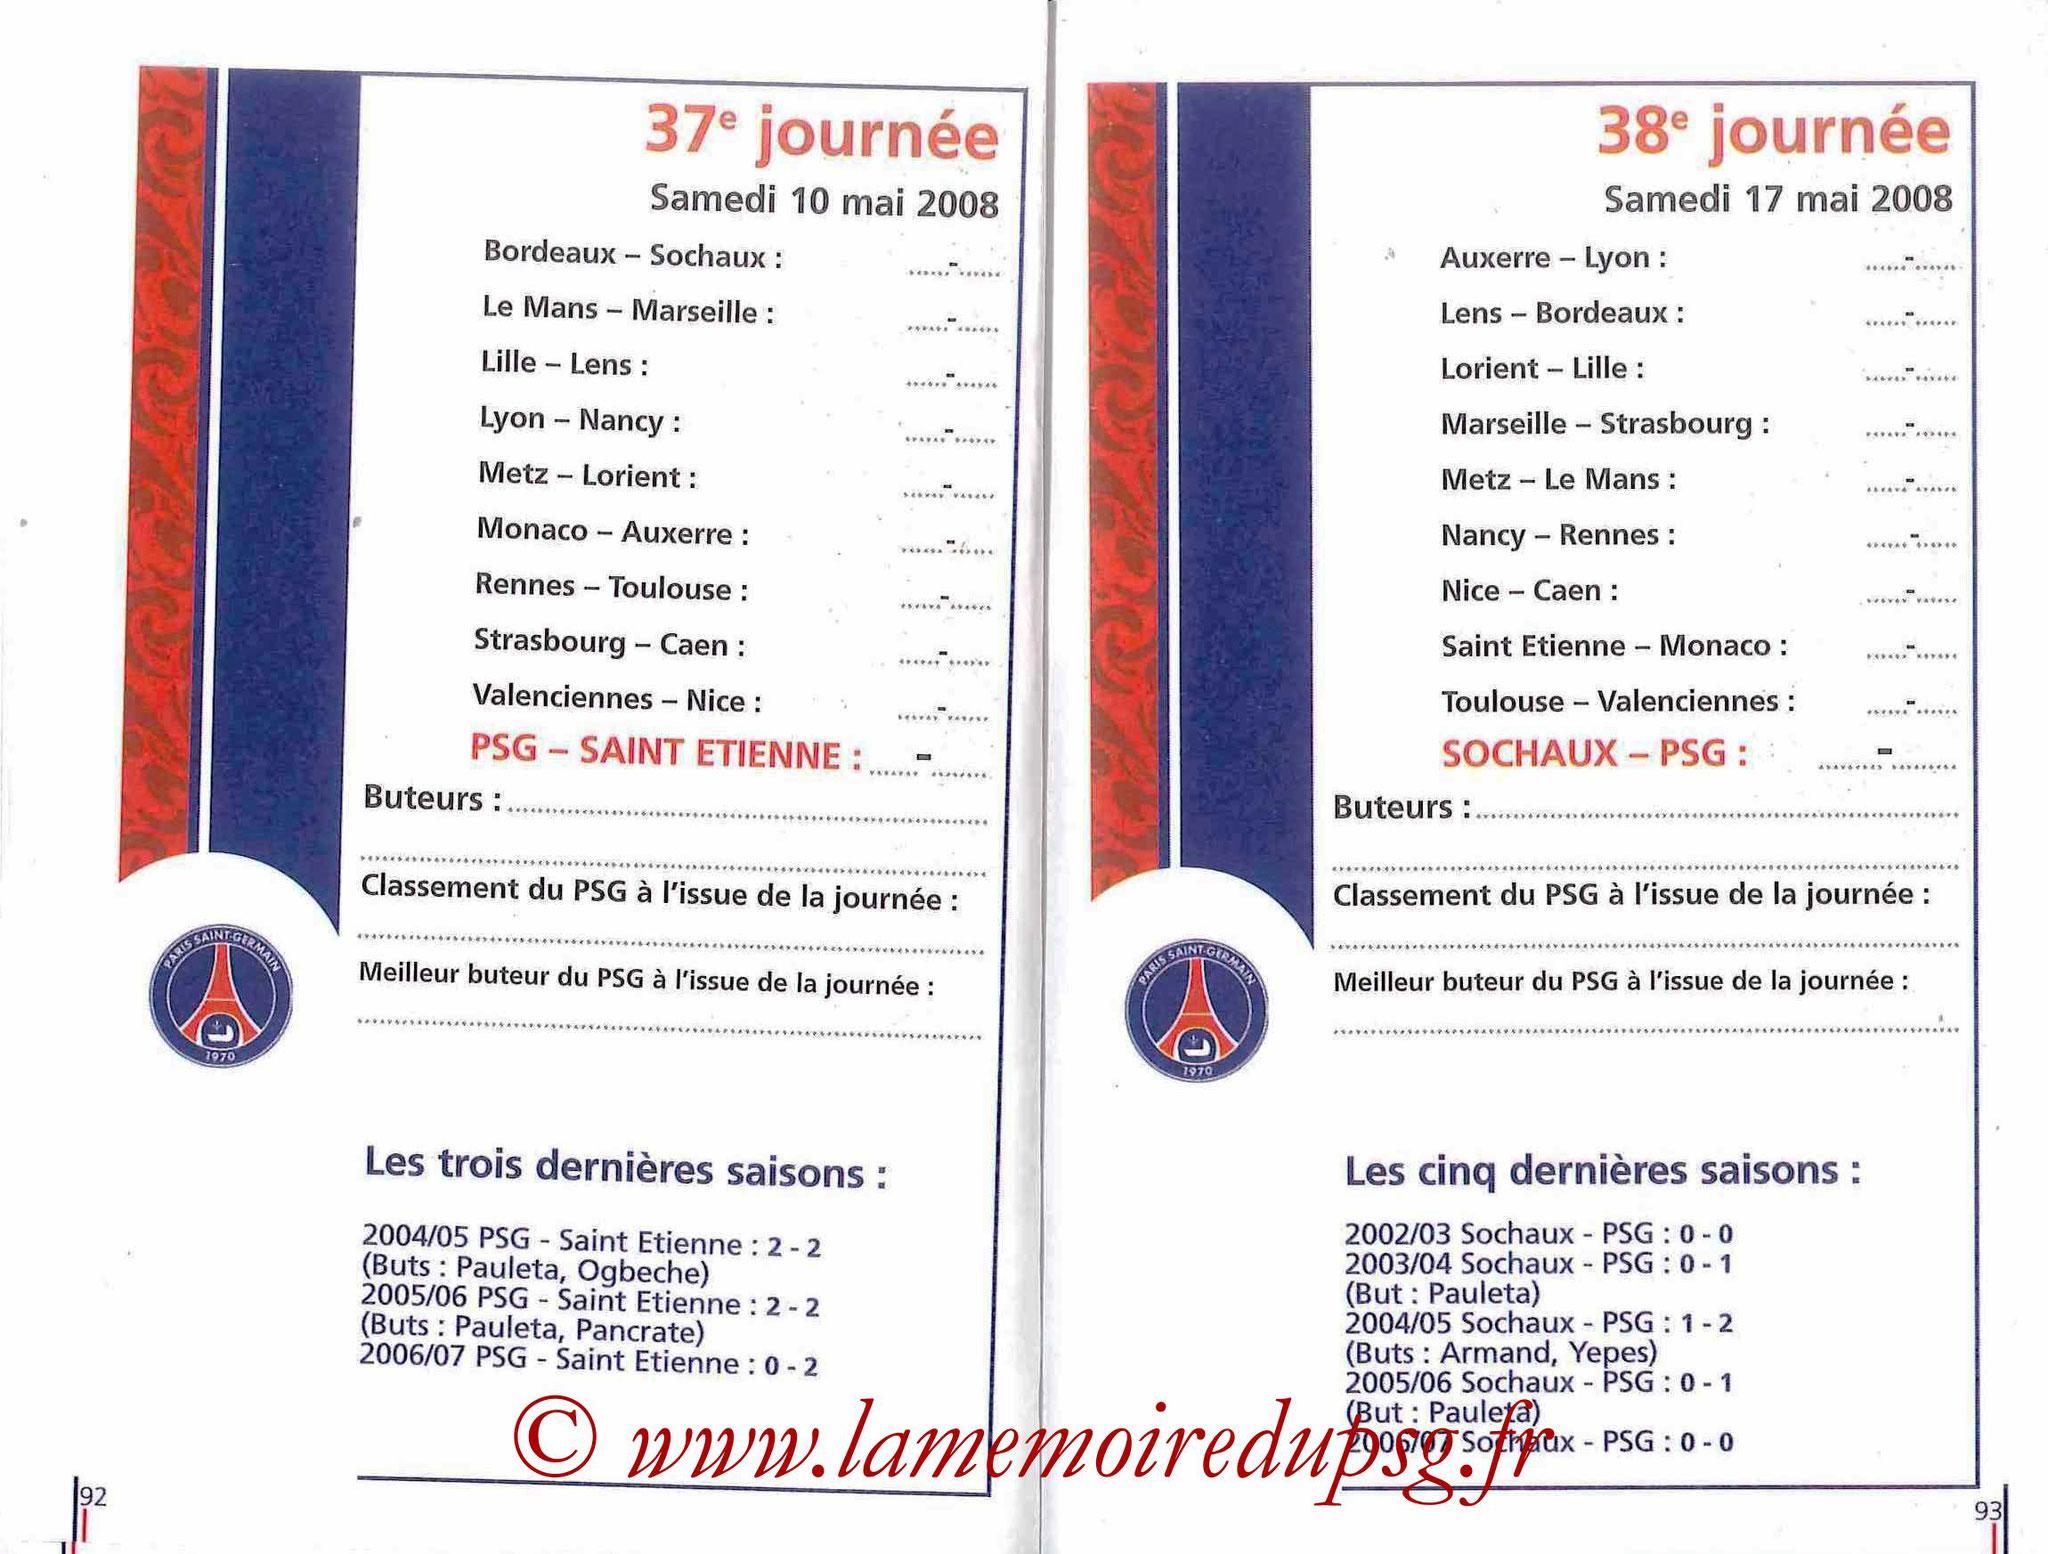 2007-08 - Guide de la Saison PSG - Pages 92 et 93